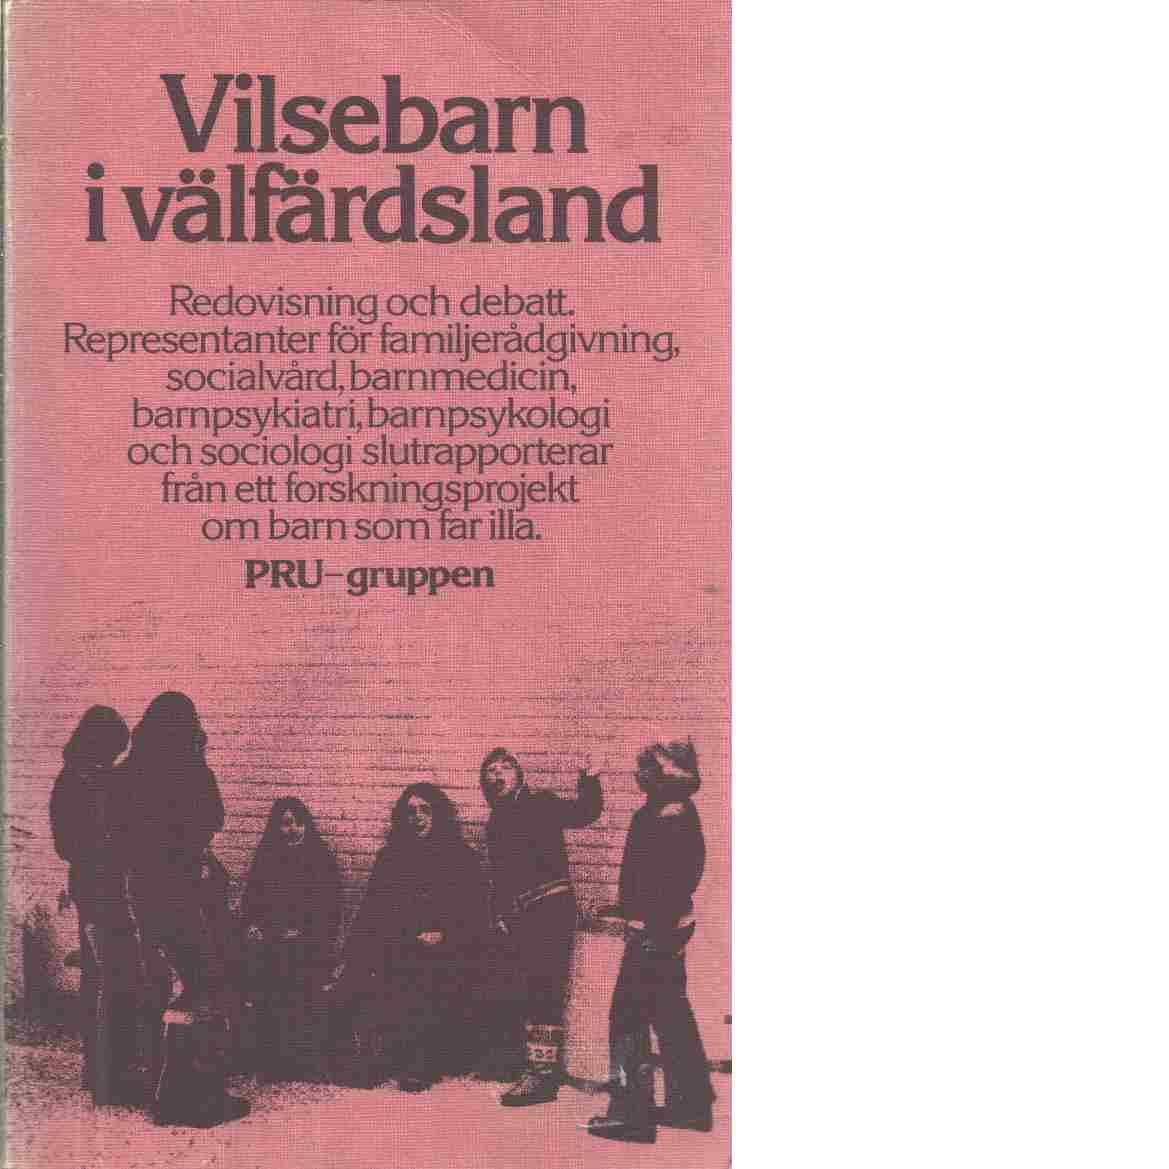 Vilsebarn i välfärdsland - Red. PRU-gruppen